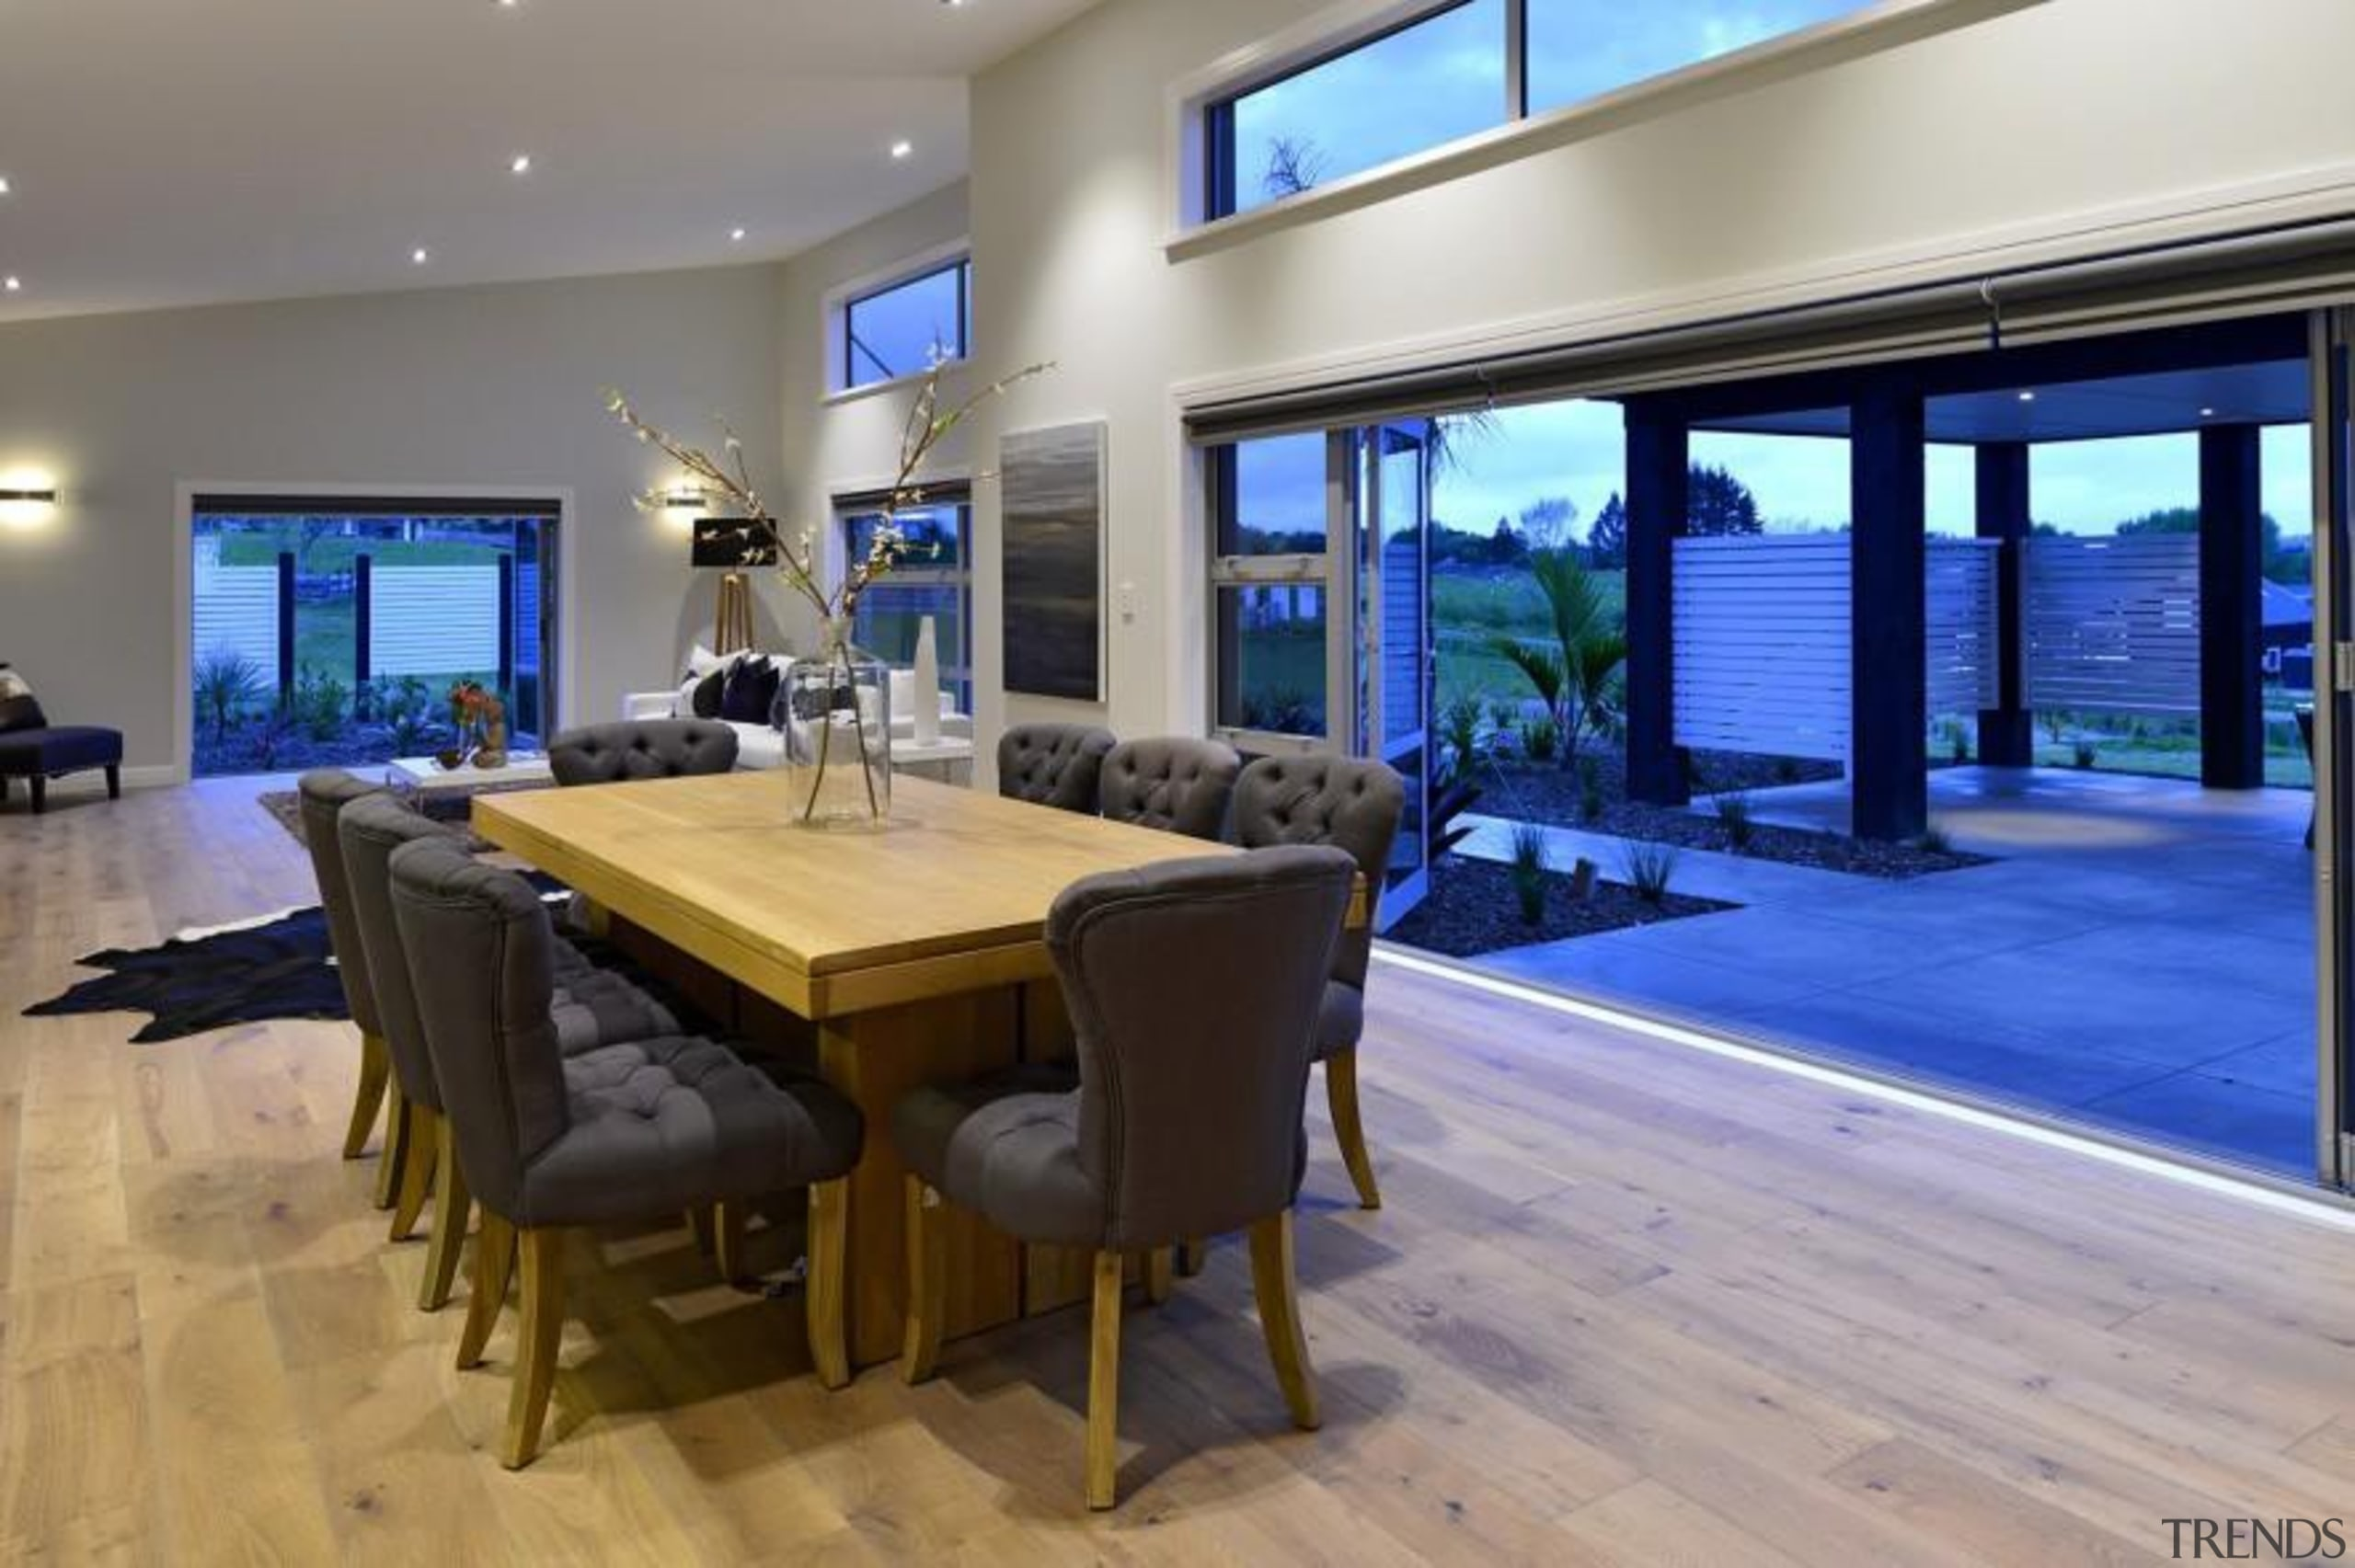 euroseriesrusticstirling21.jpg - euroseriesrusticstirling21.jpg - dining room | estate dining room, estate, interior design, property, real estate, gray